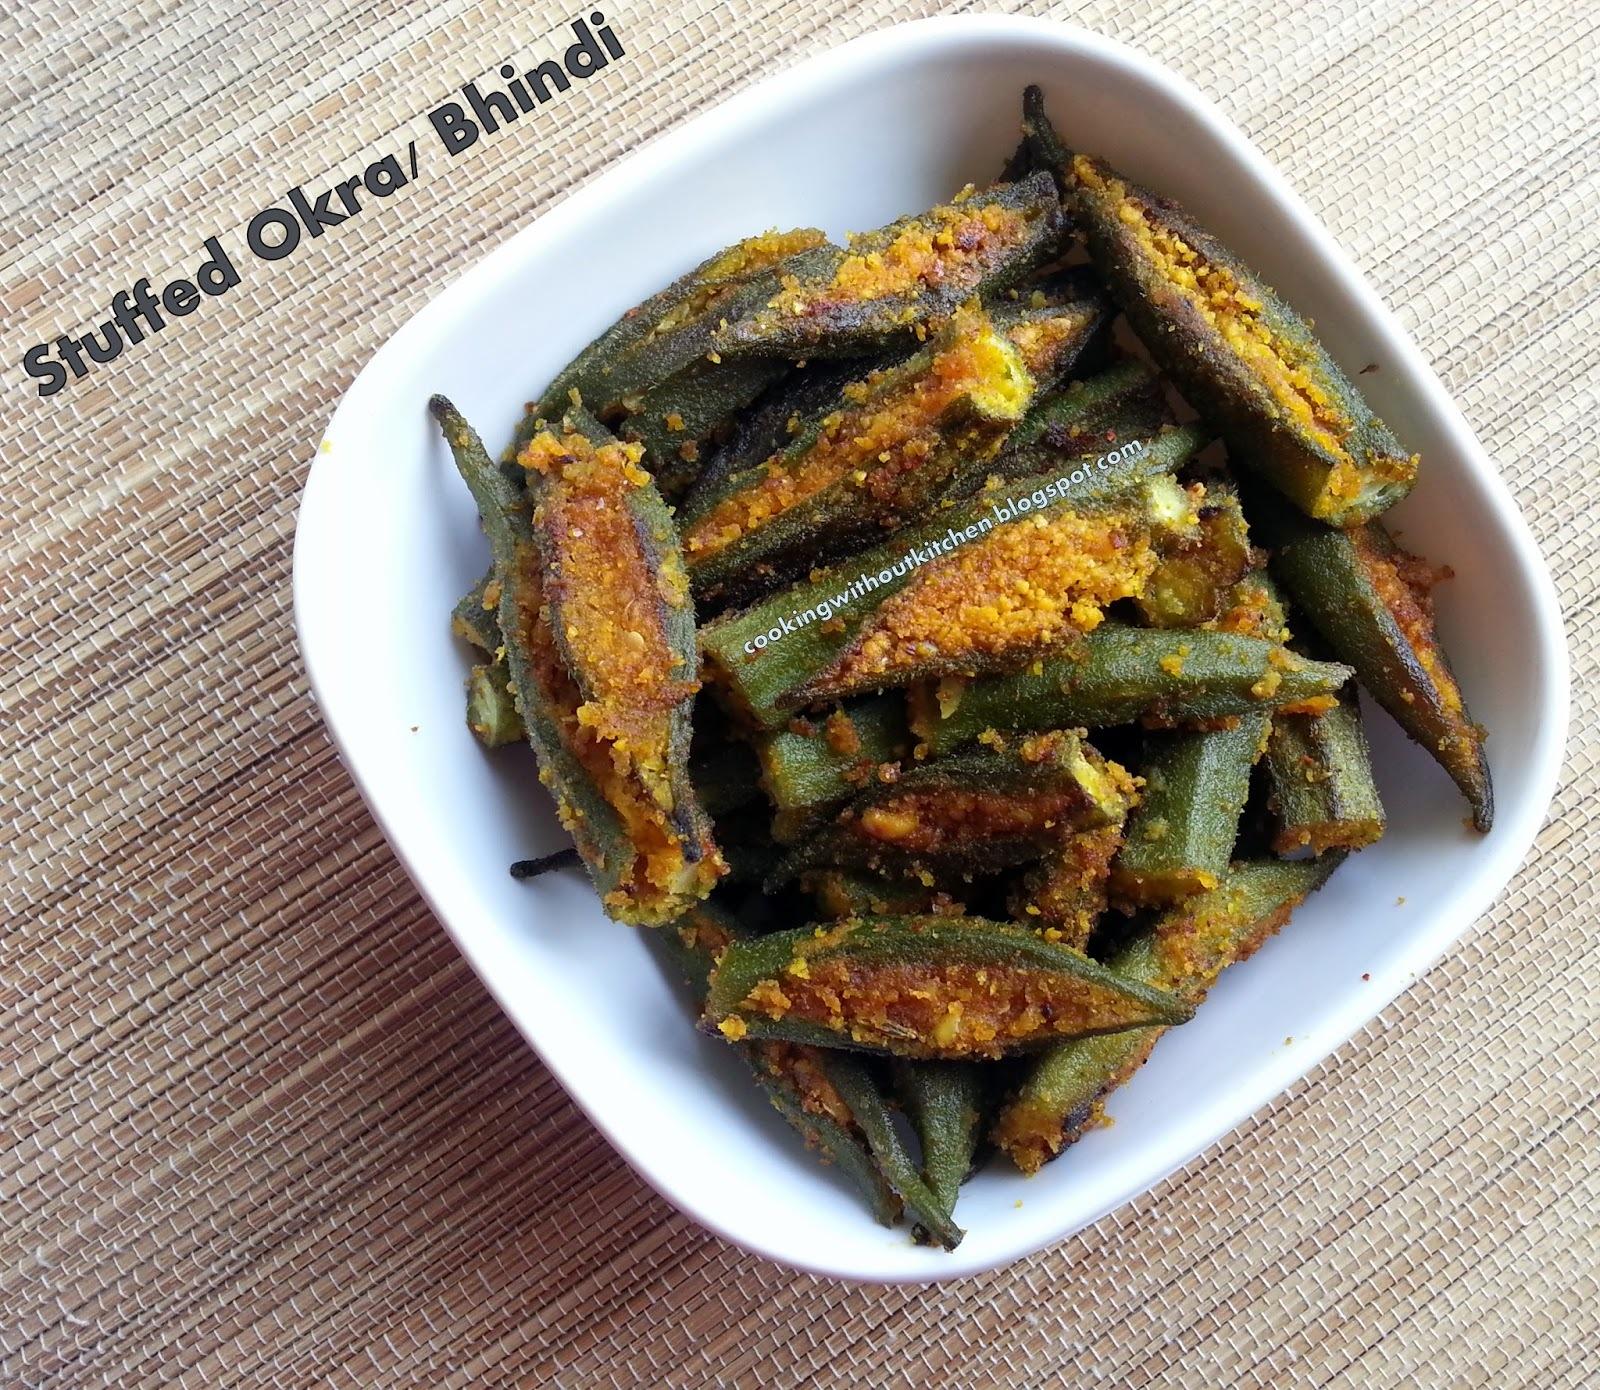 Okra with instant stir-fry masala  / Bharli Bhindi